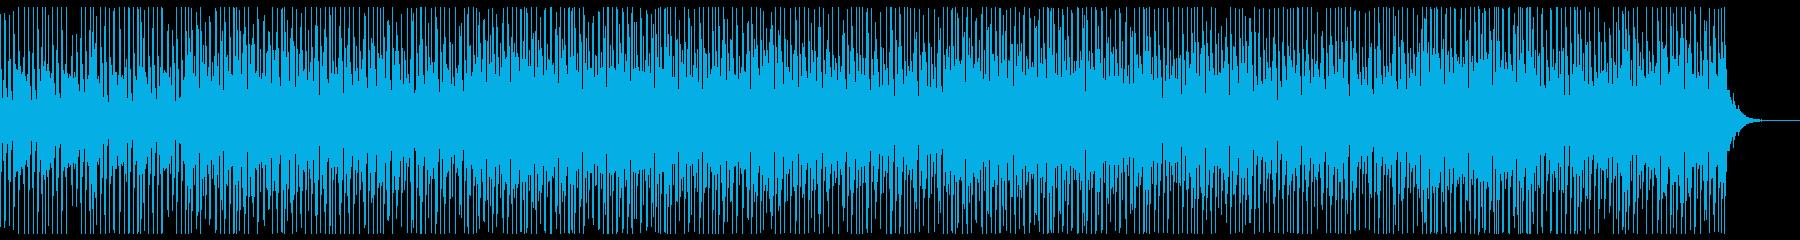 爽やかでセンチメンタルな夏のEDMの再生済みの波形